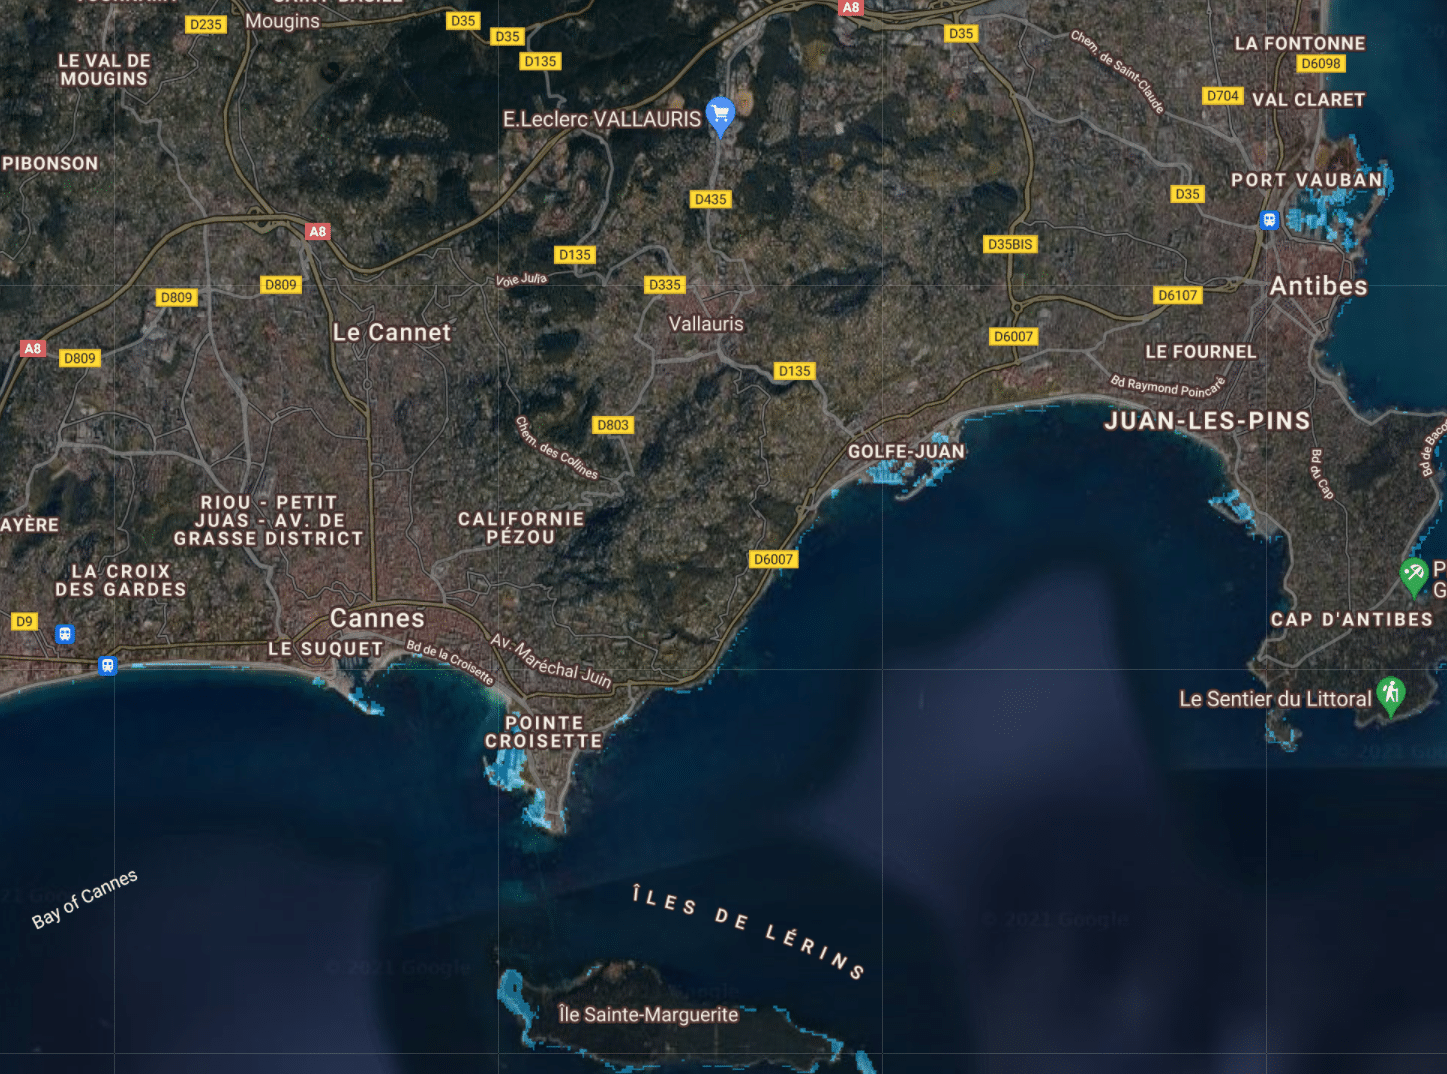 montée niveau de la mer france cannes 50cm